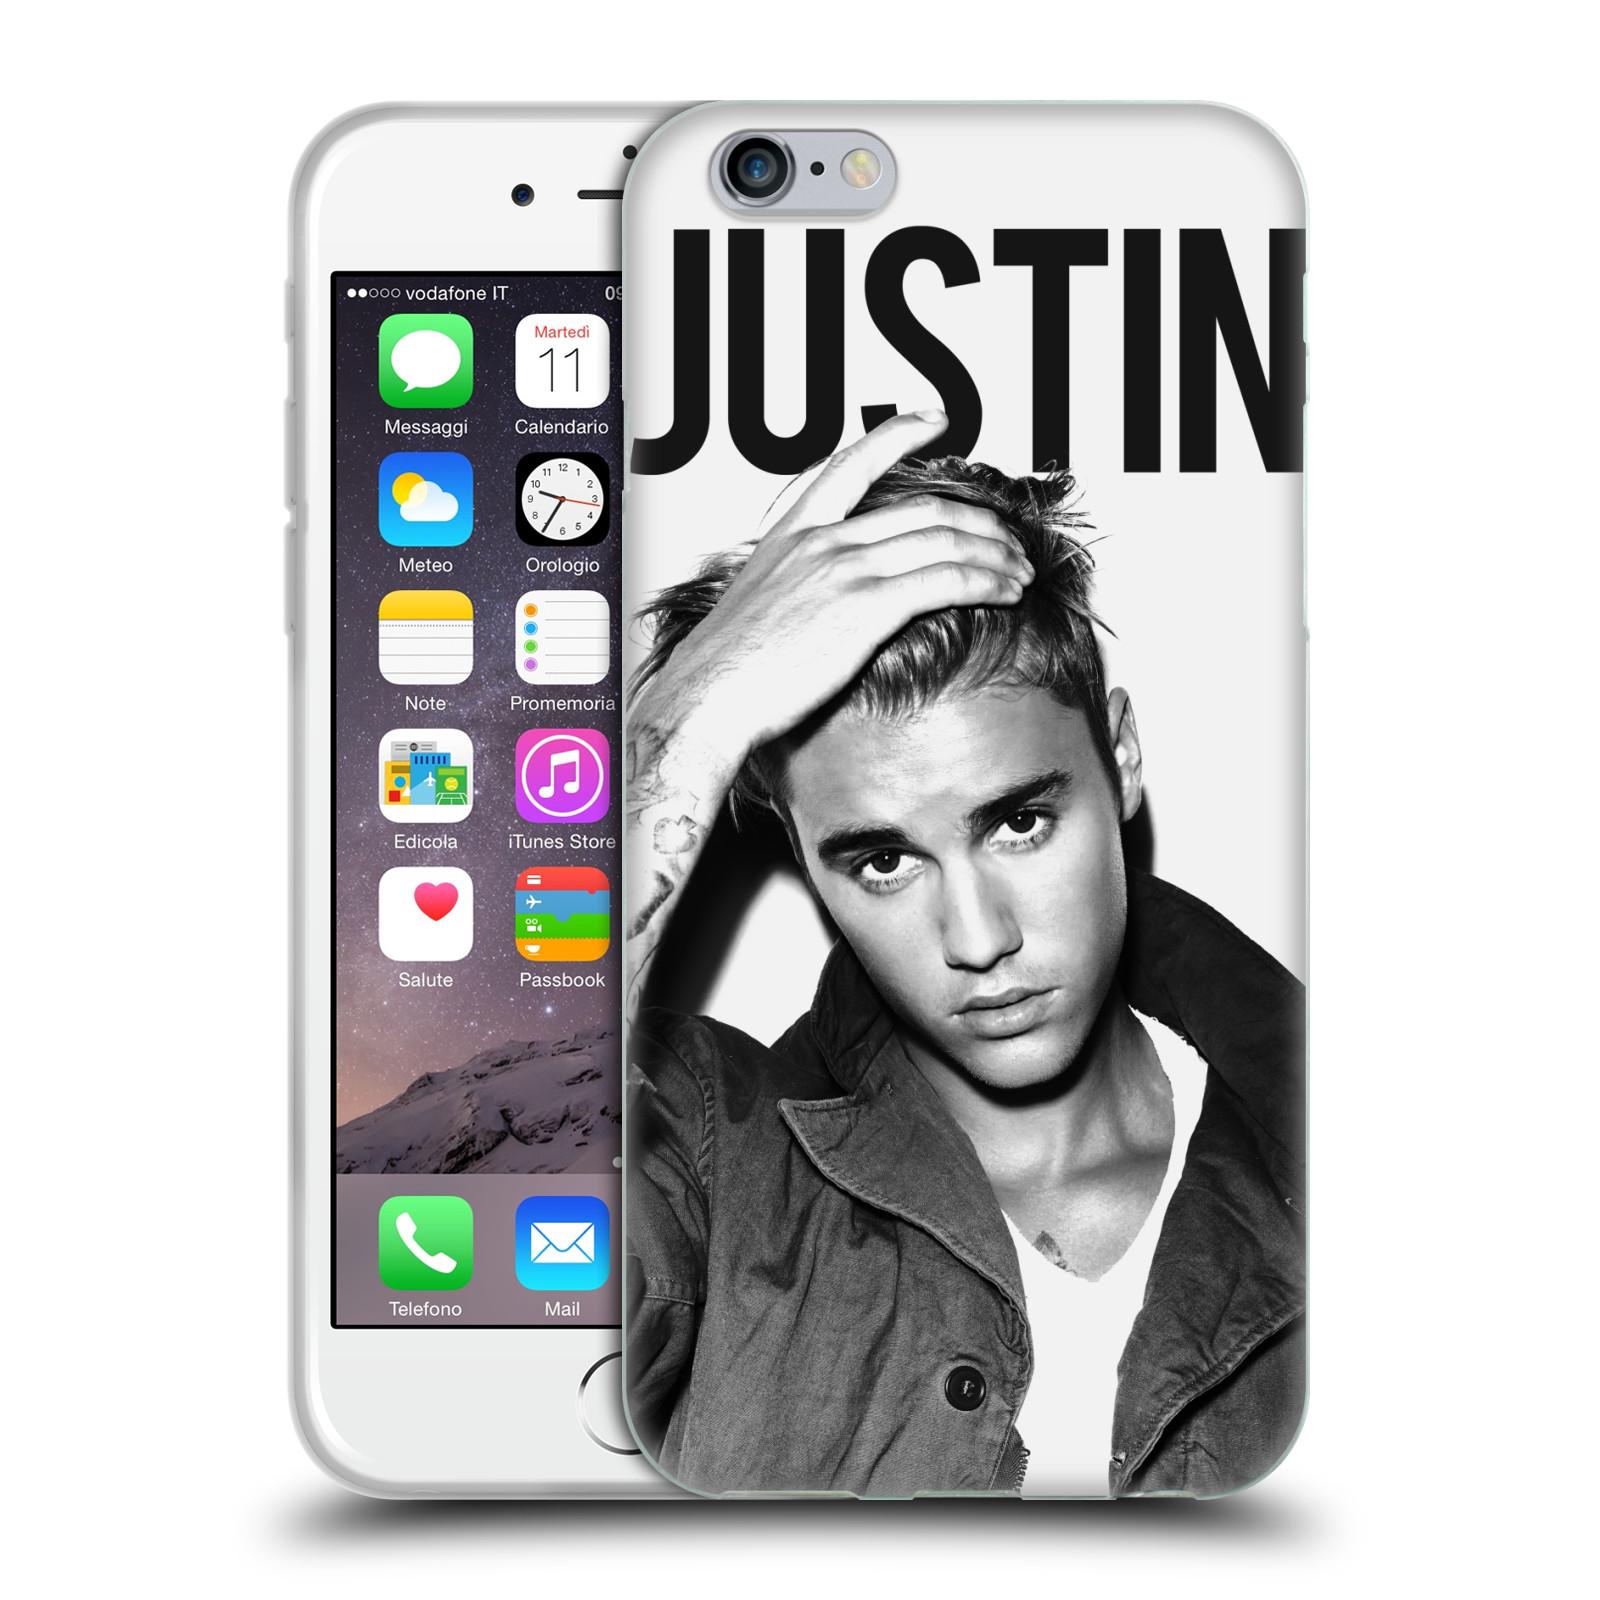 HEAD CASE silikonový obal na mobil Apple Iphone 6 / 6S originální potisk Justin Bieber póza černobílá